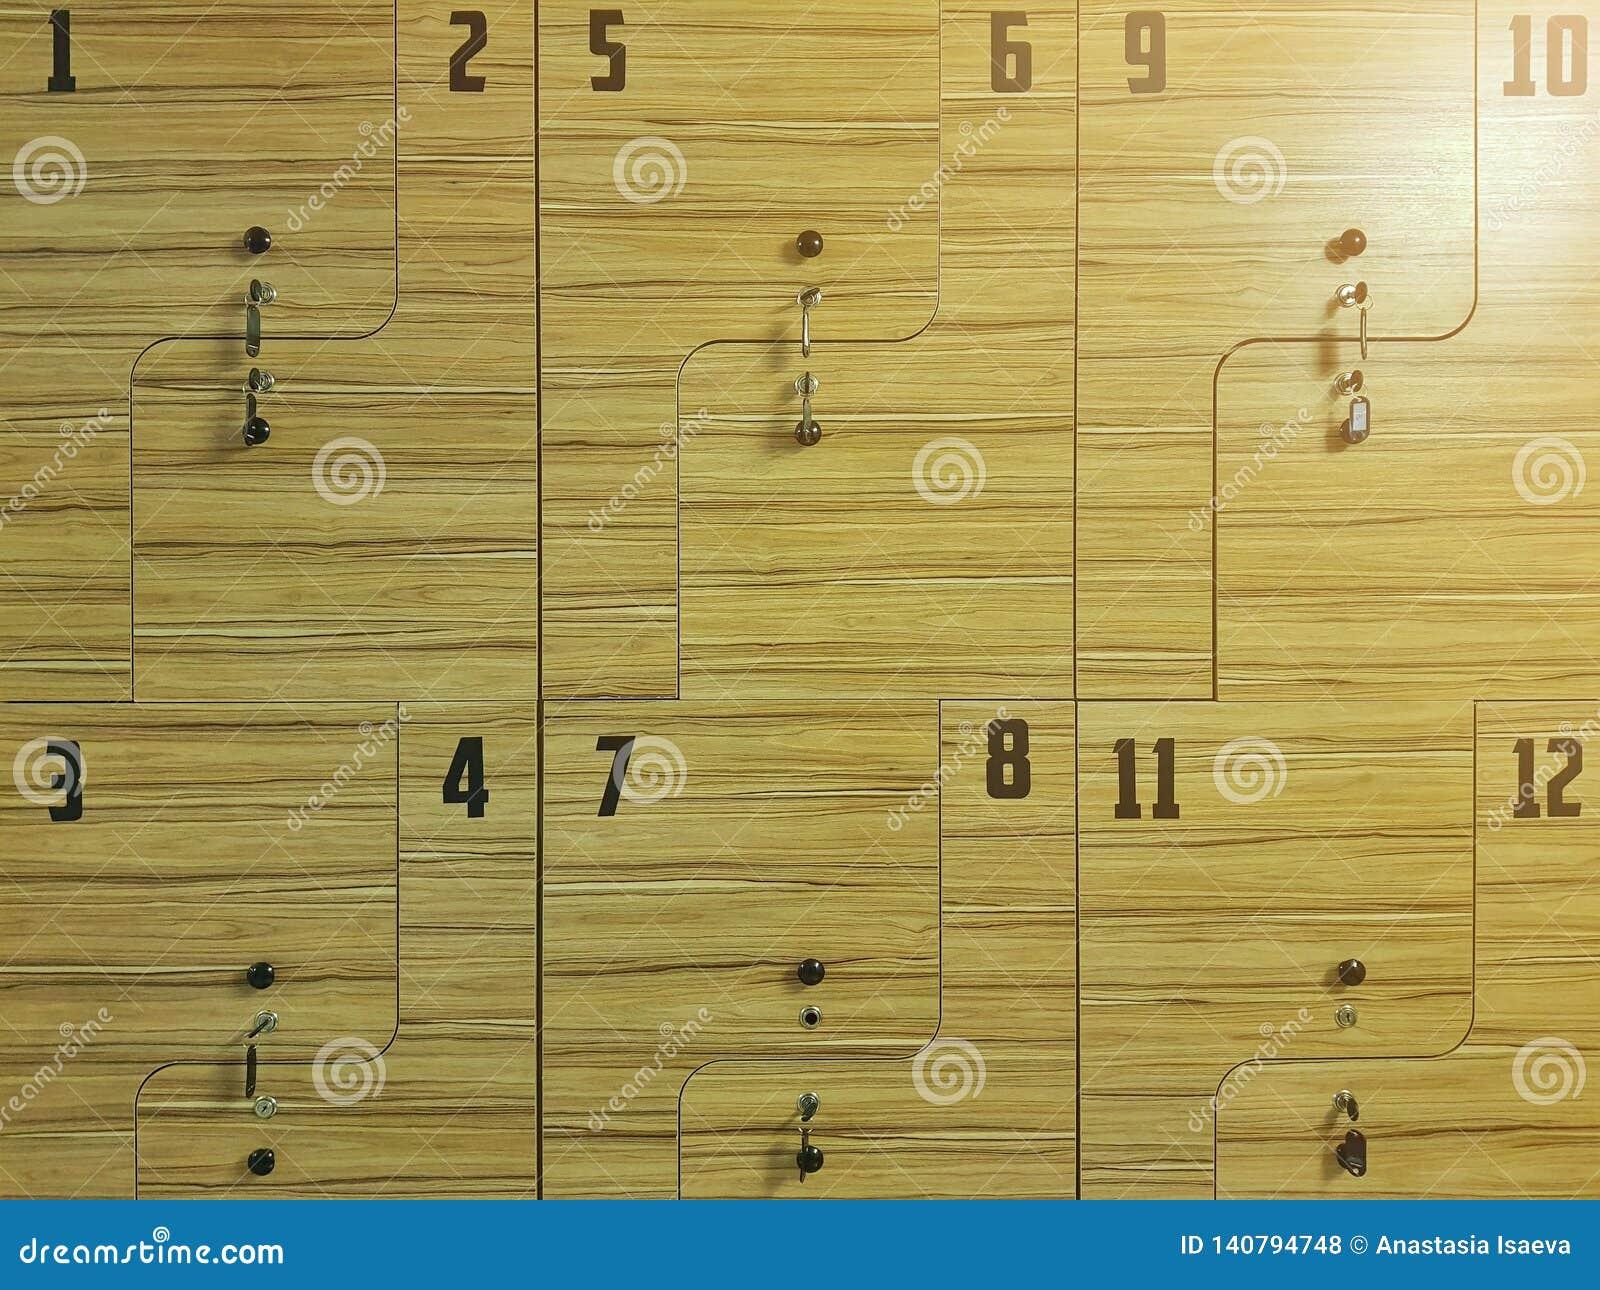 Αθλητικό ντουλάπι Ντουλάπι ικανότητας κλείστε επάνω